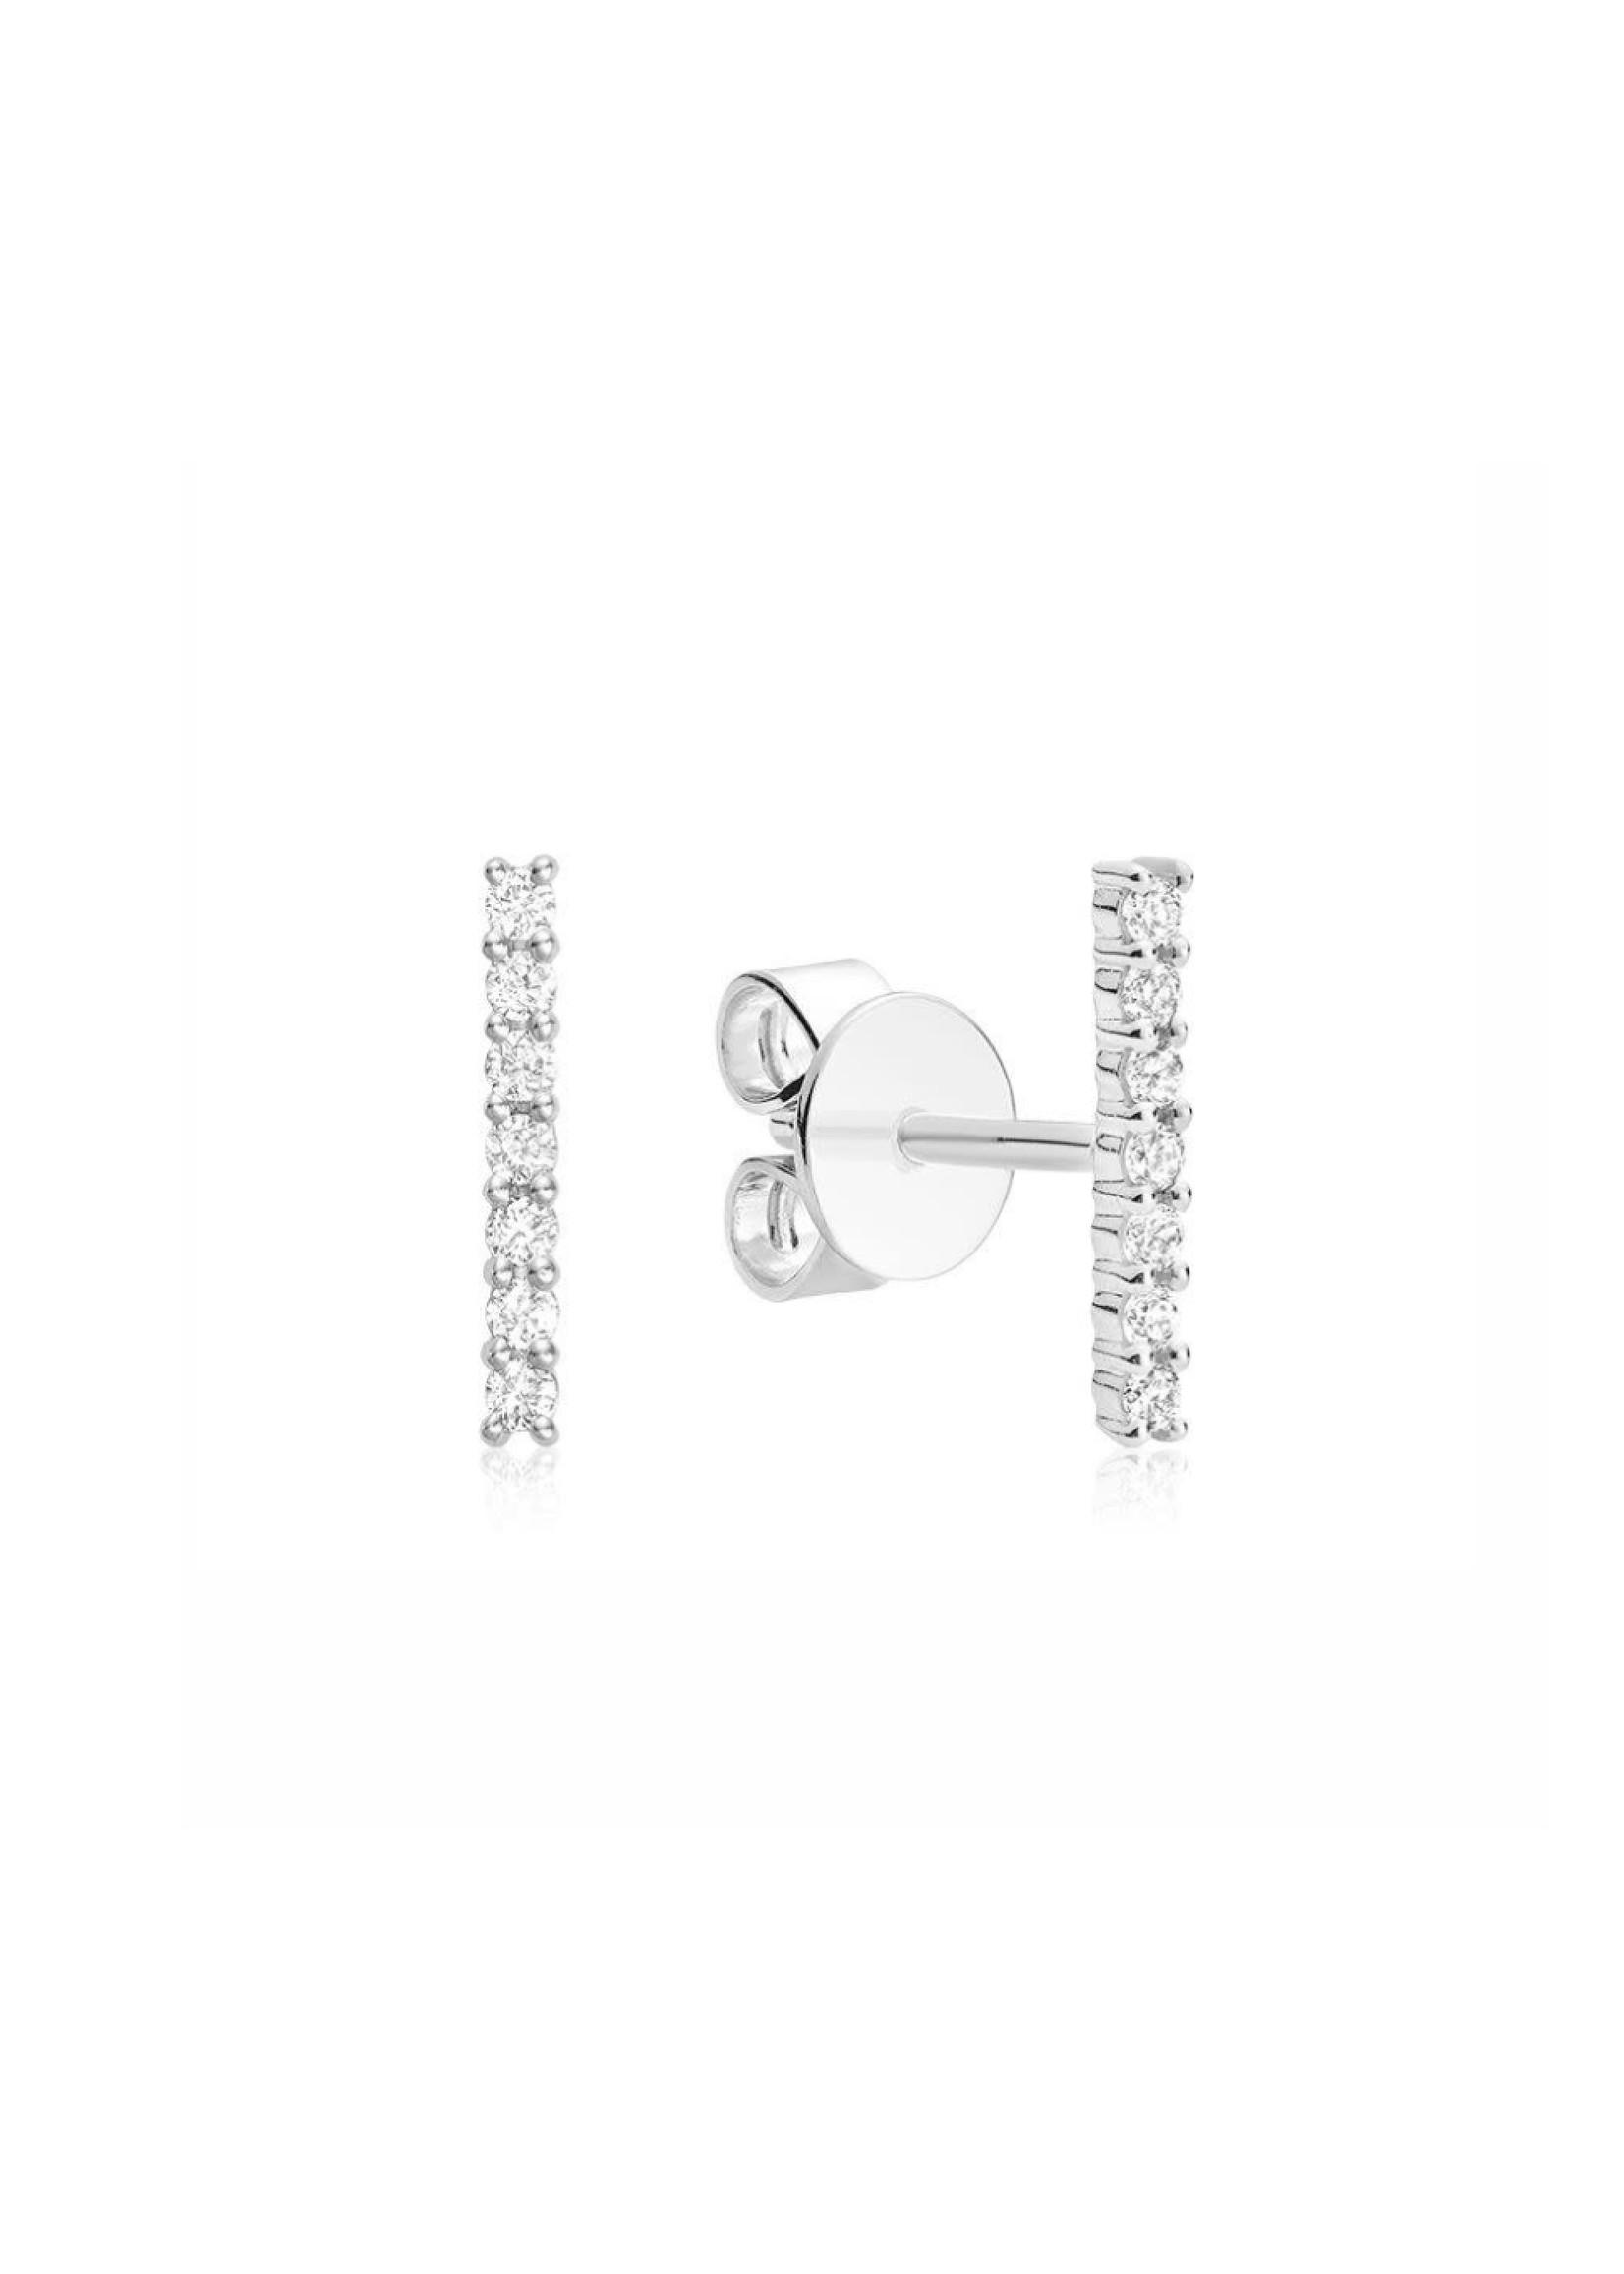 Boucles d'oreilles Barre Stud Or 10K avec diamants